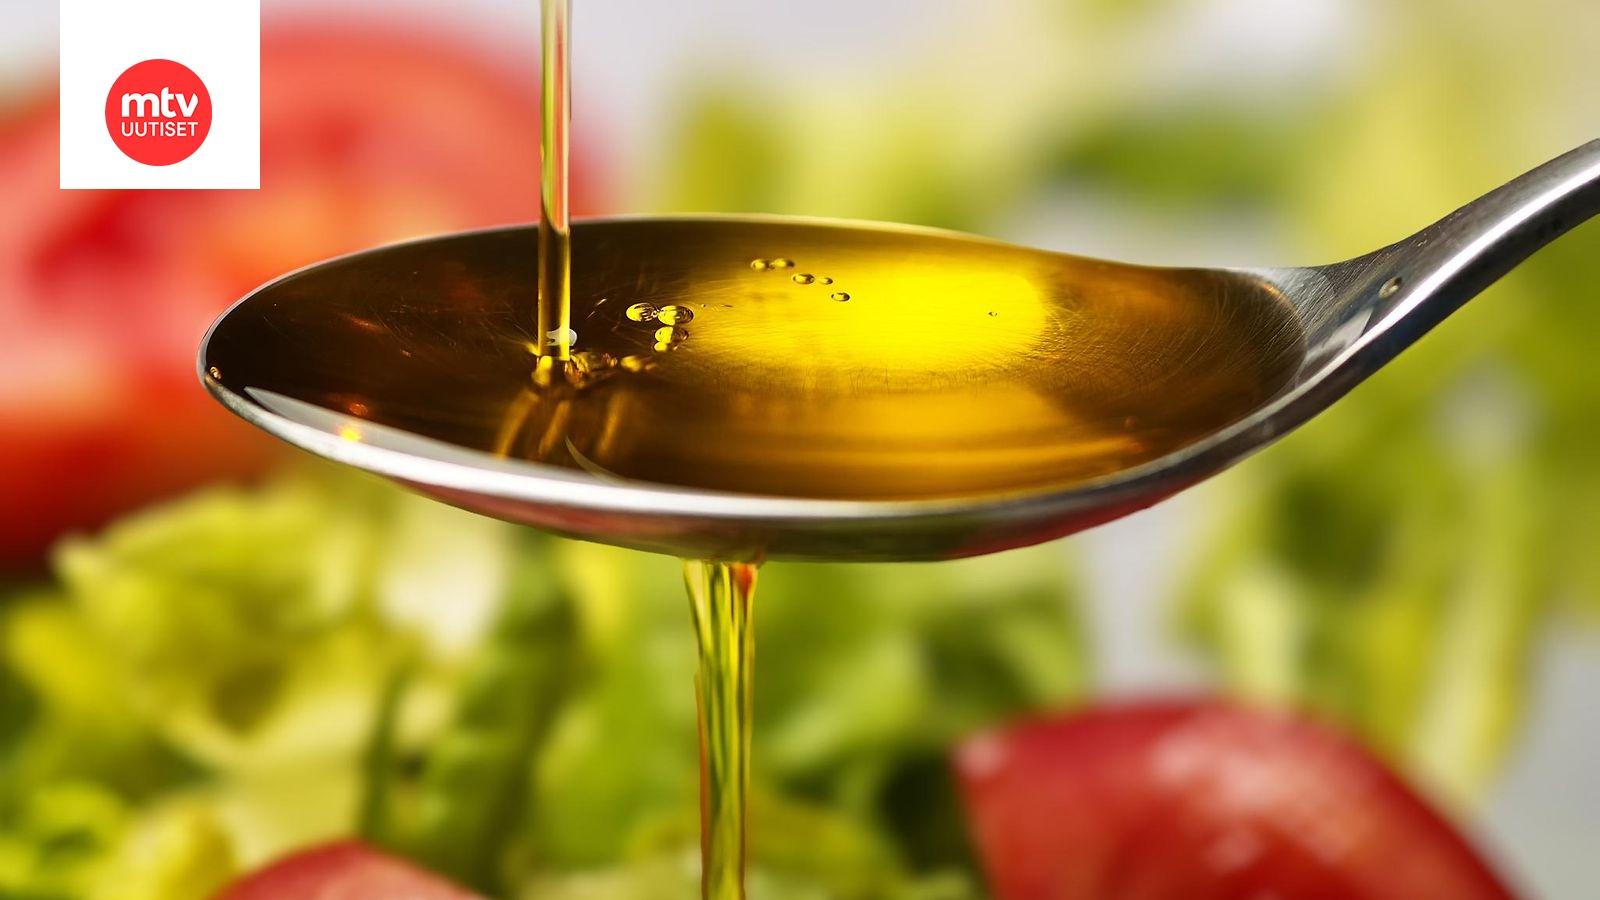 Oliiviöljy Vai Rypsiöljy